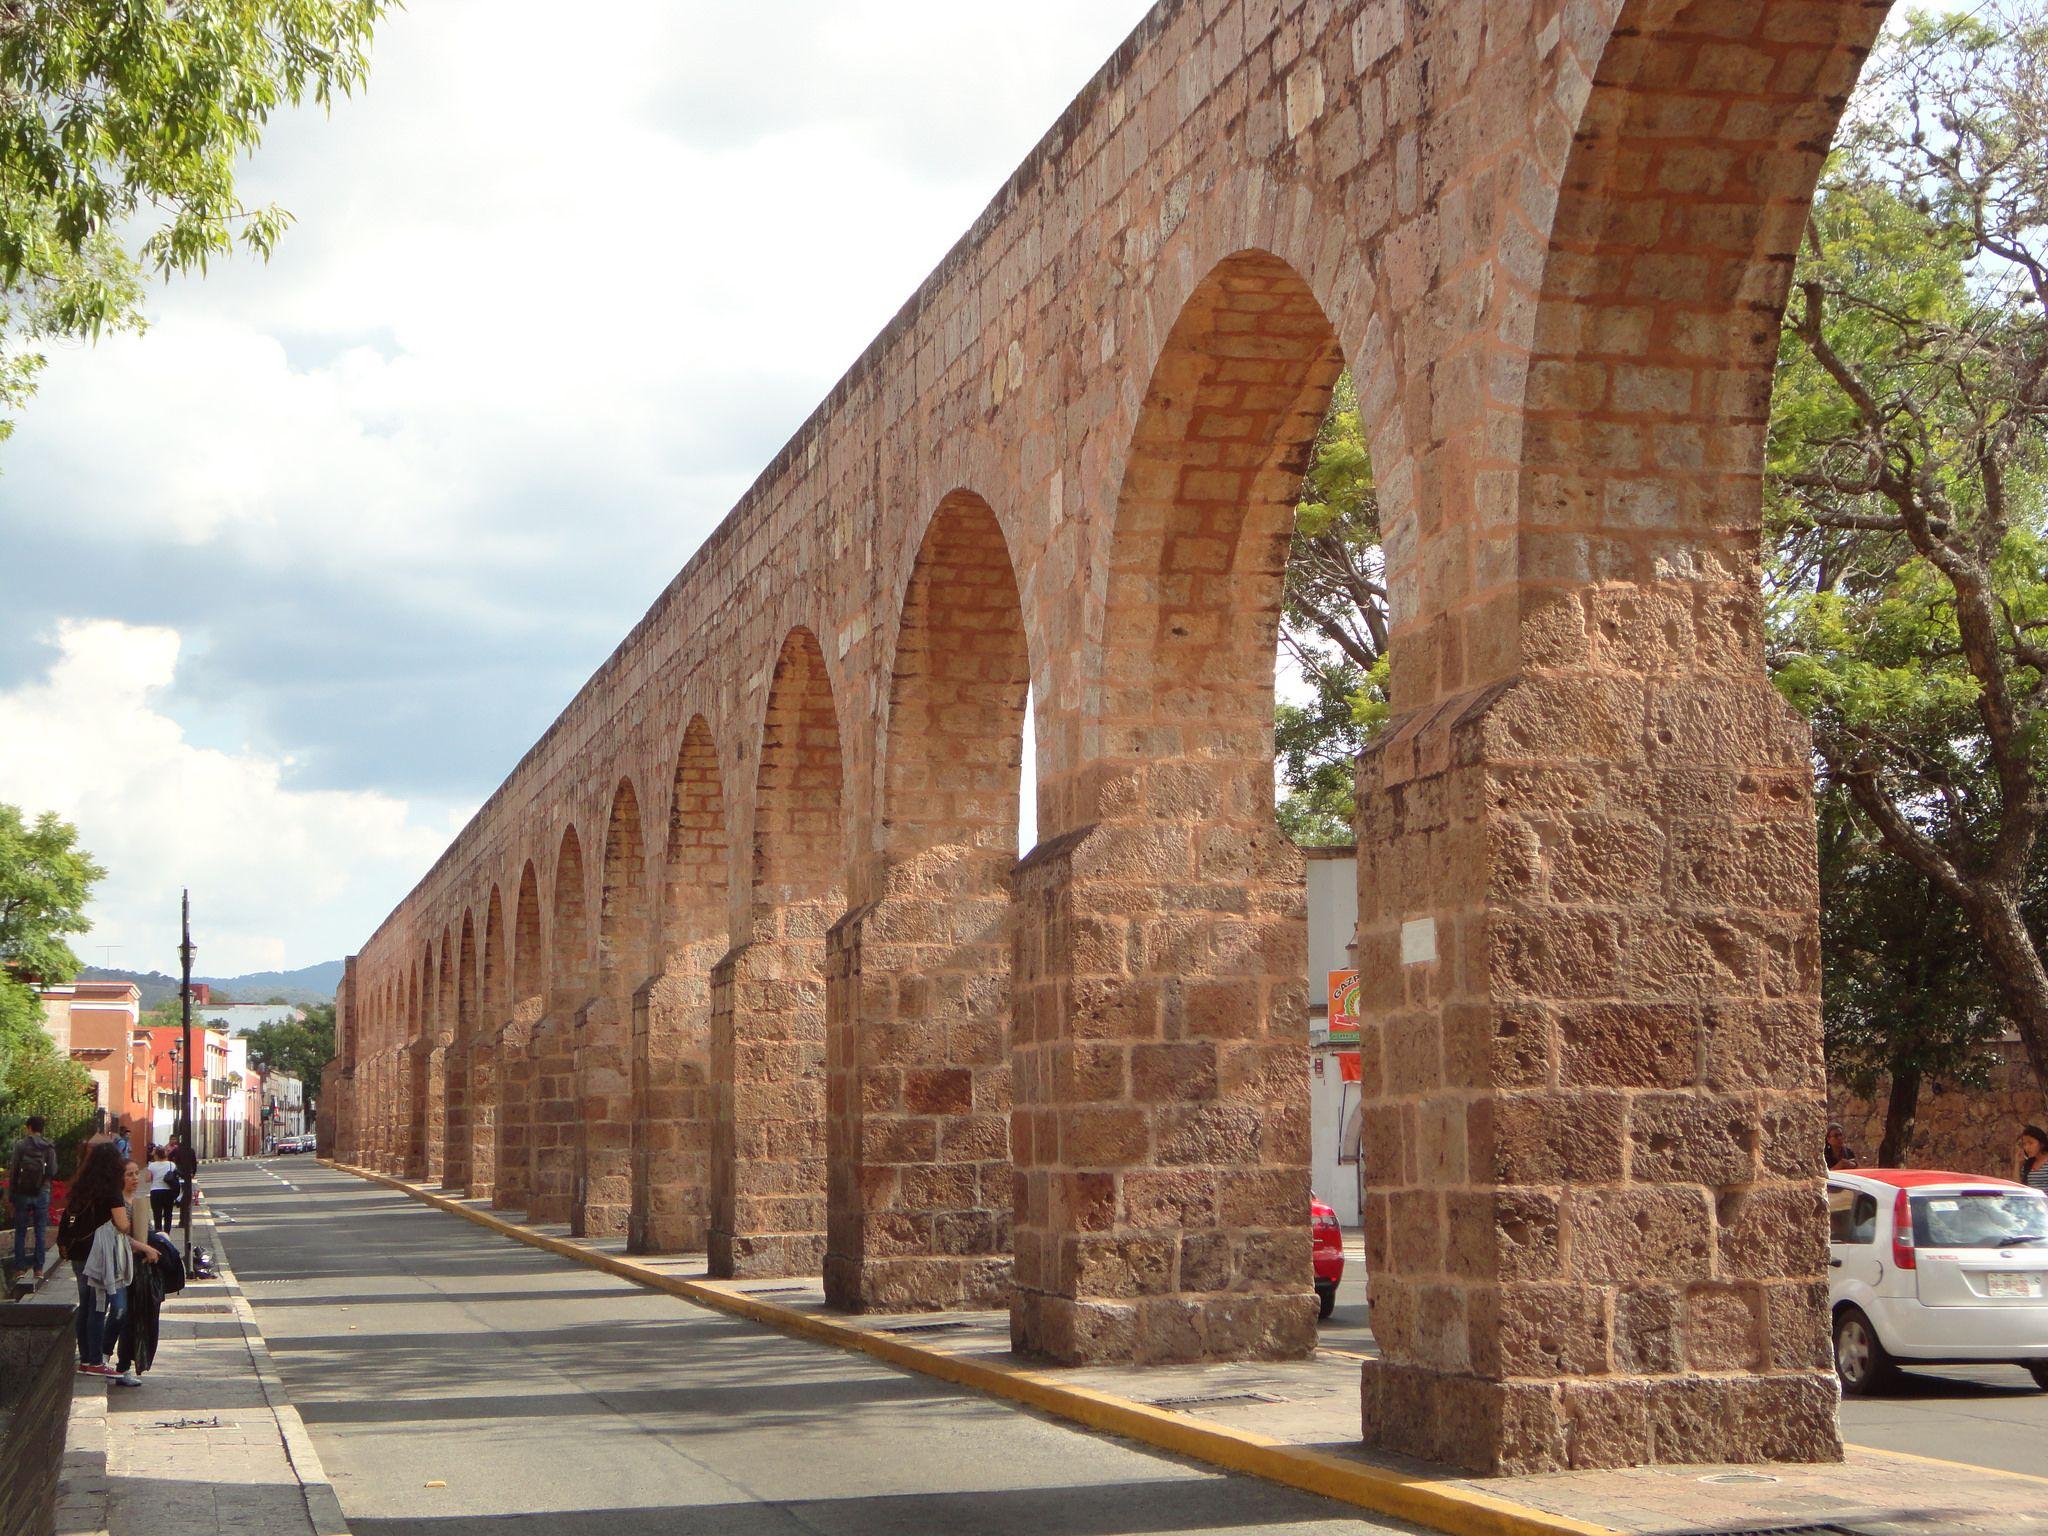 El Acueducto de Morelia es profundamente impactante.